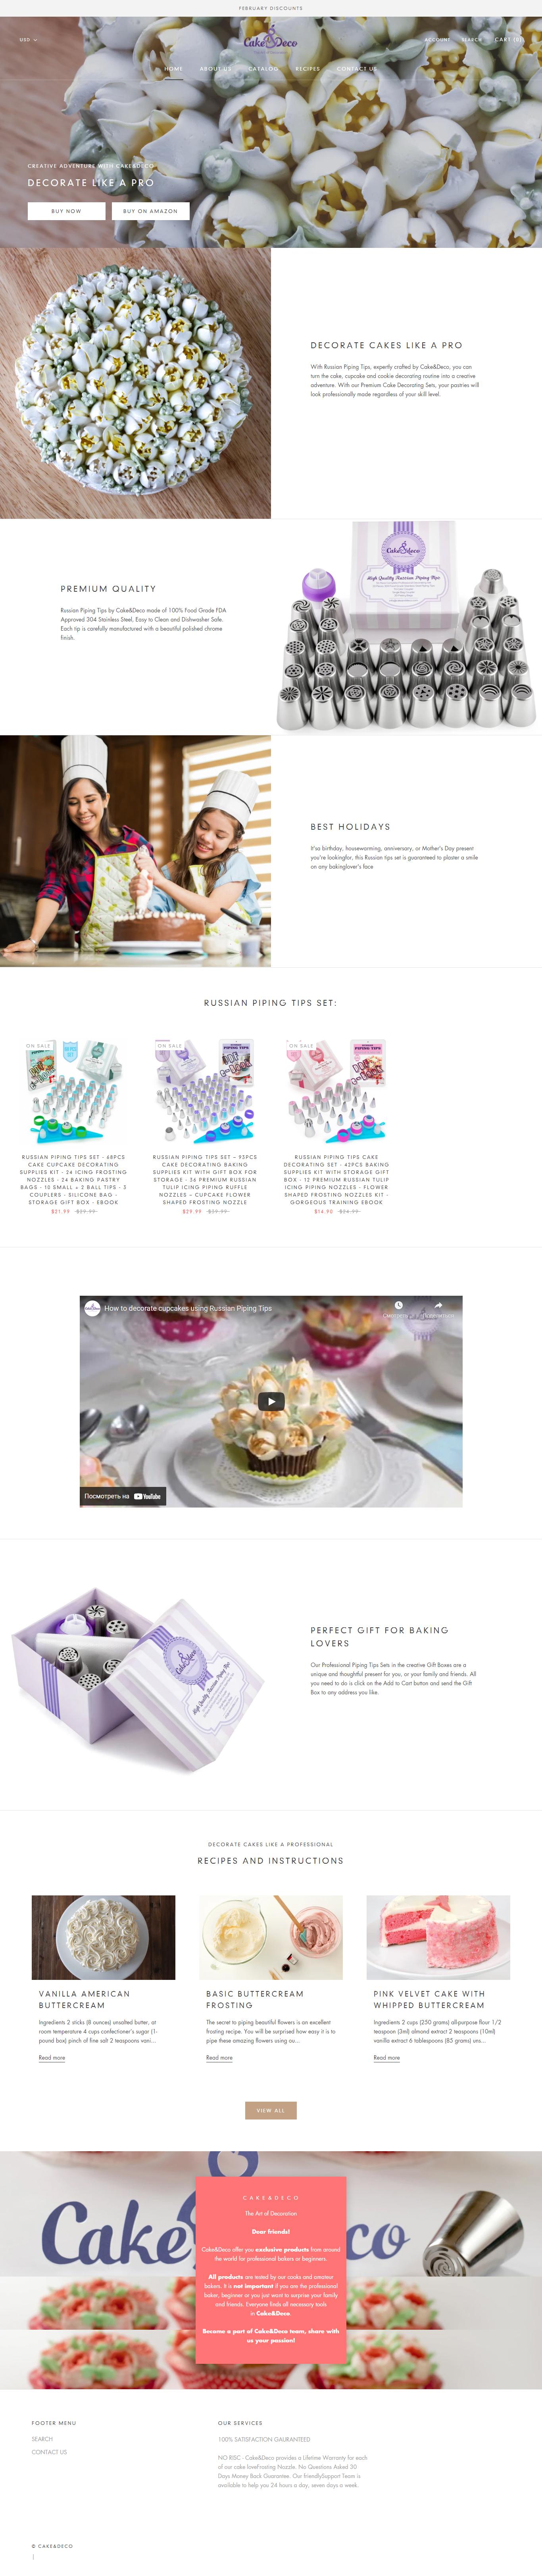 Разработка сайта для Cake&Deco на платформе Shopify